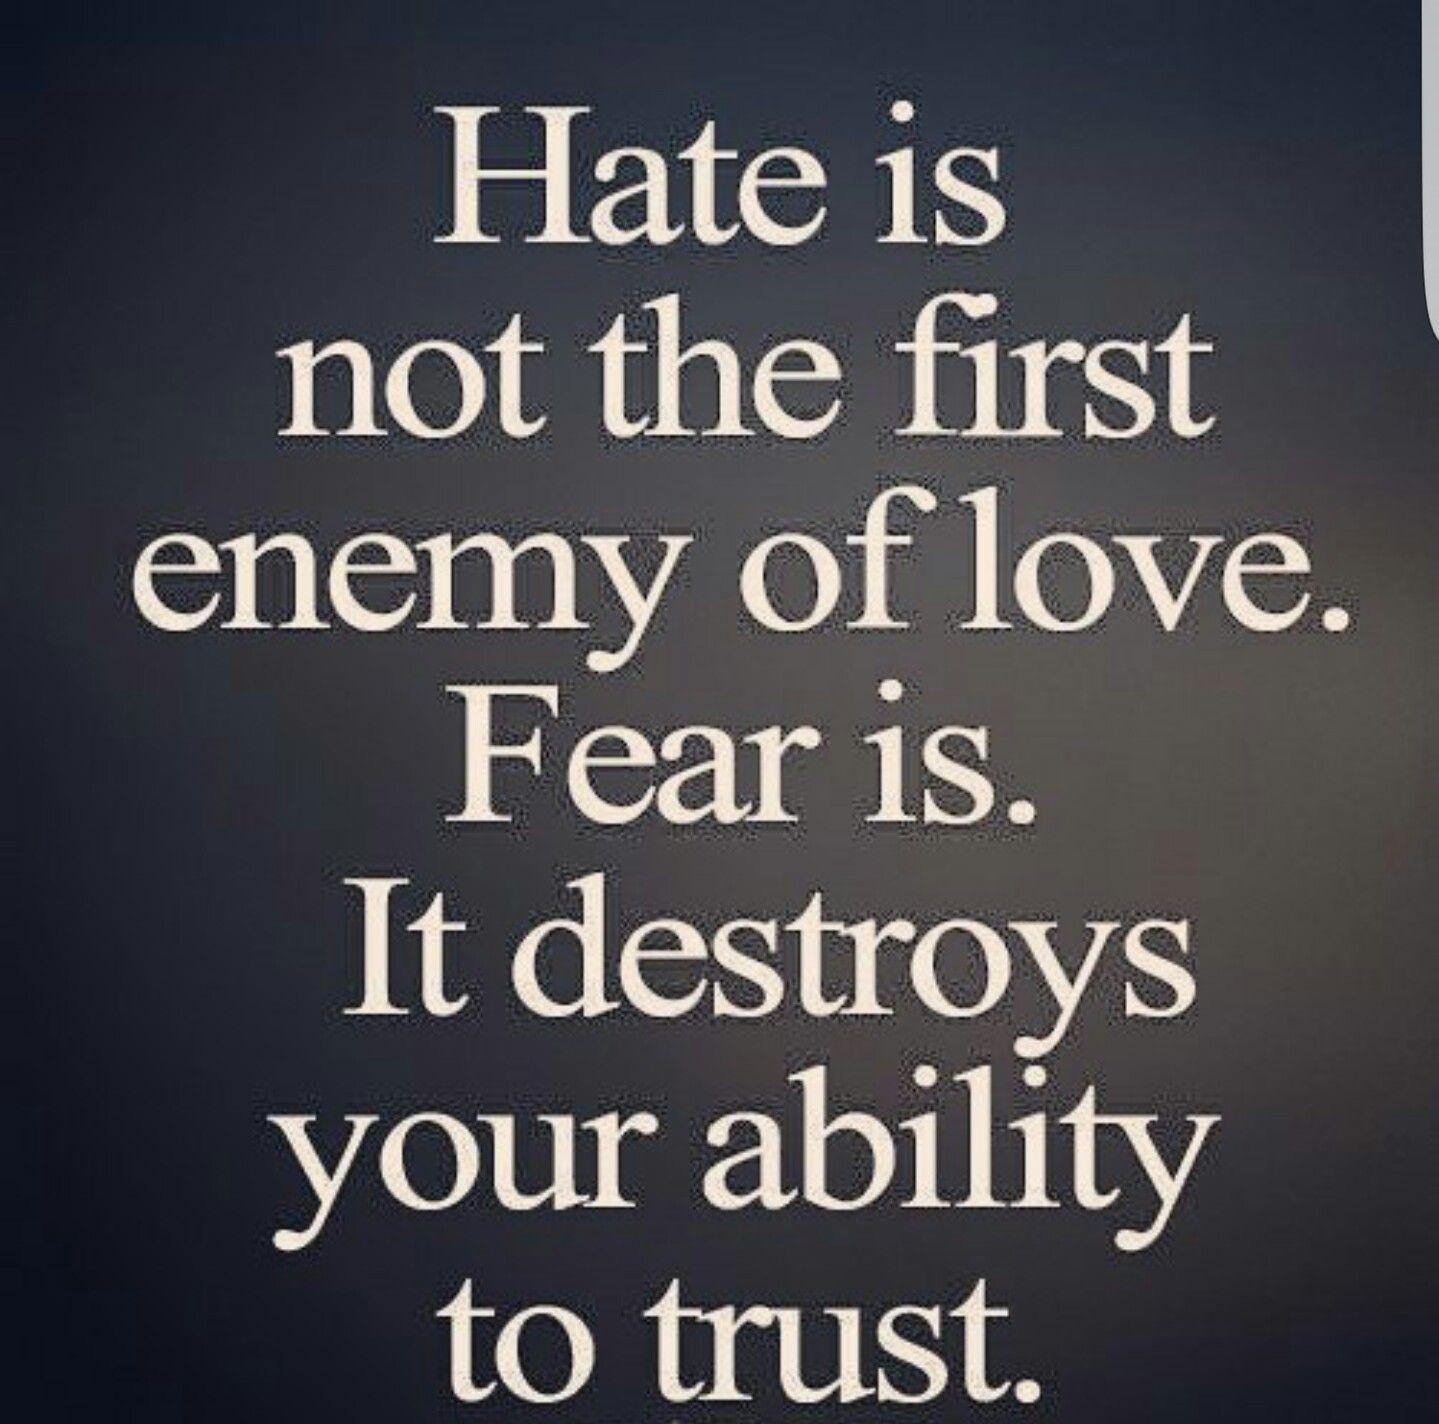 Quotes On Trust Pinjacqueline Lei On Wordsfunny  Pinterest